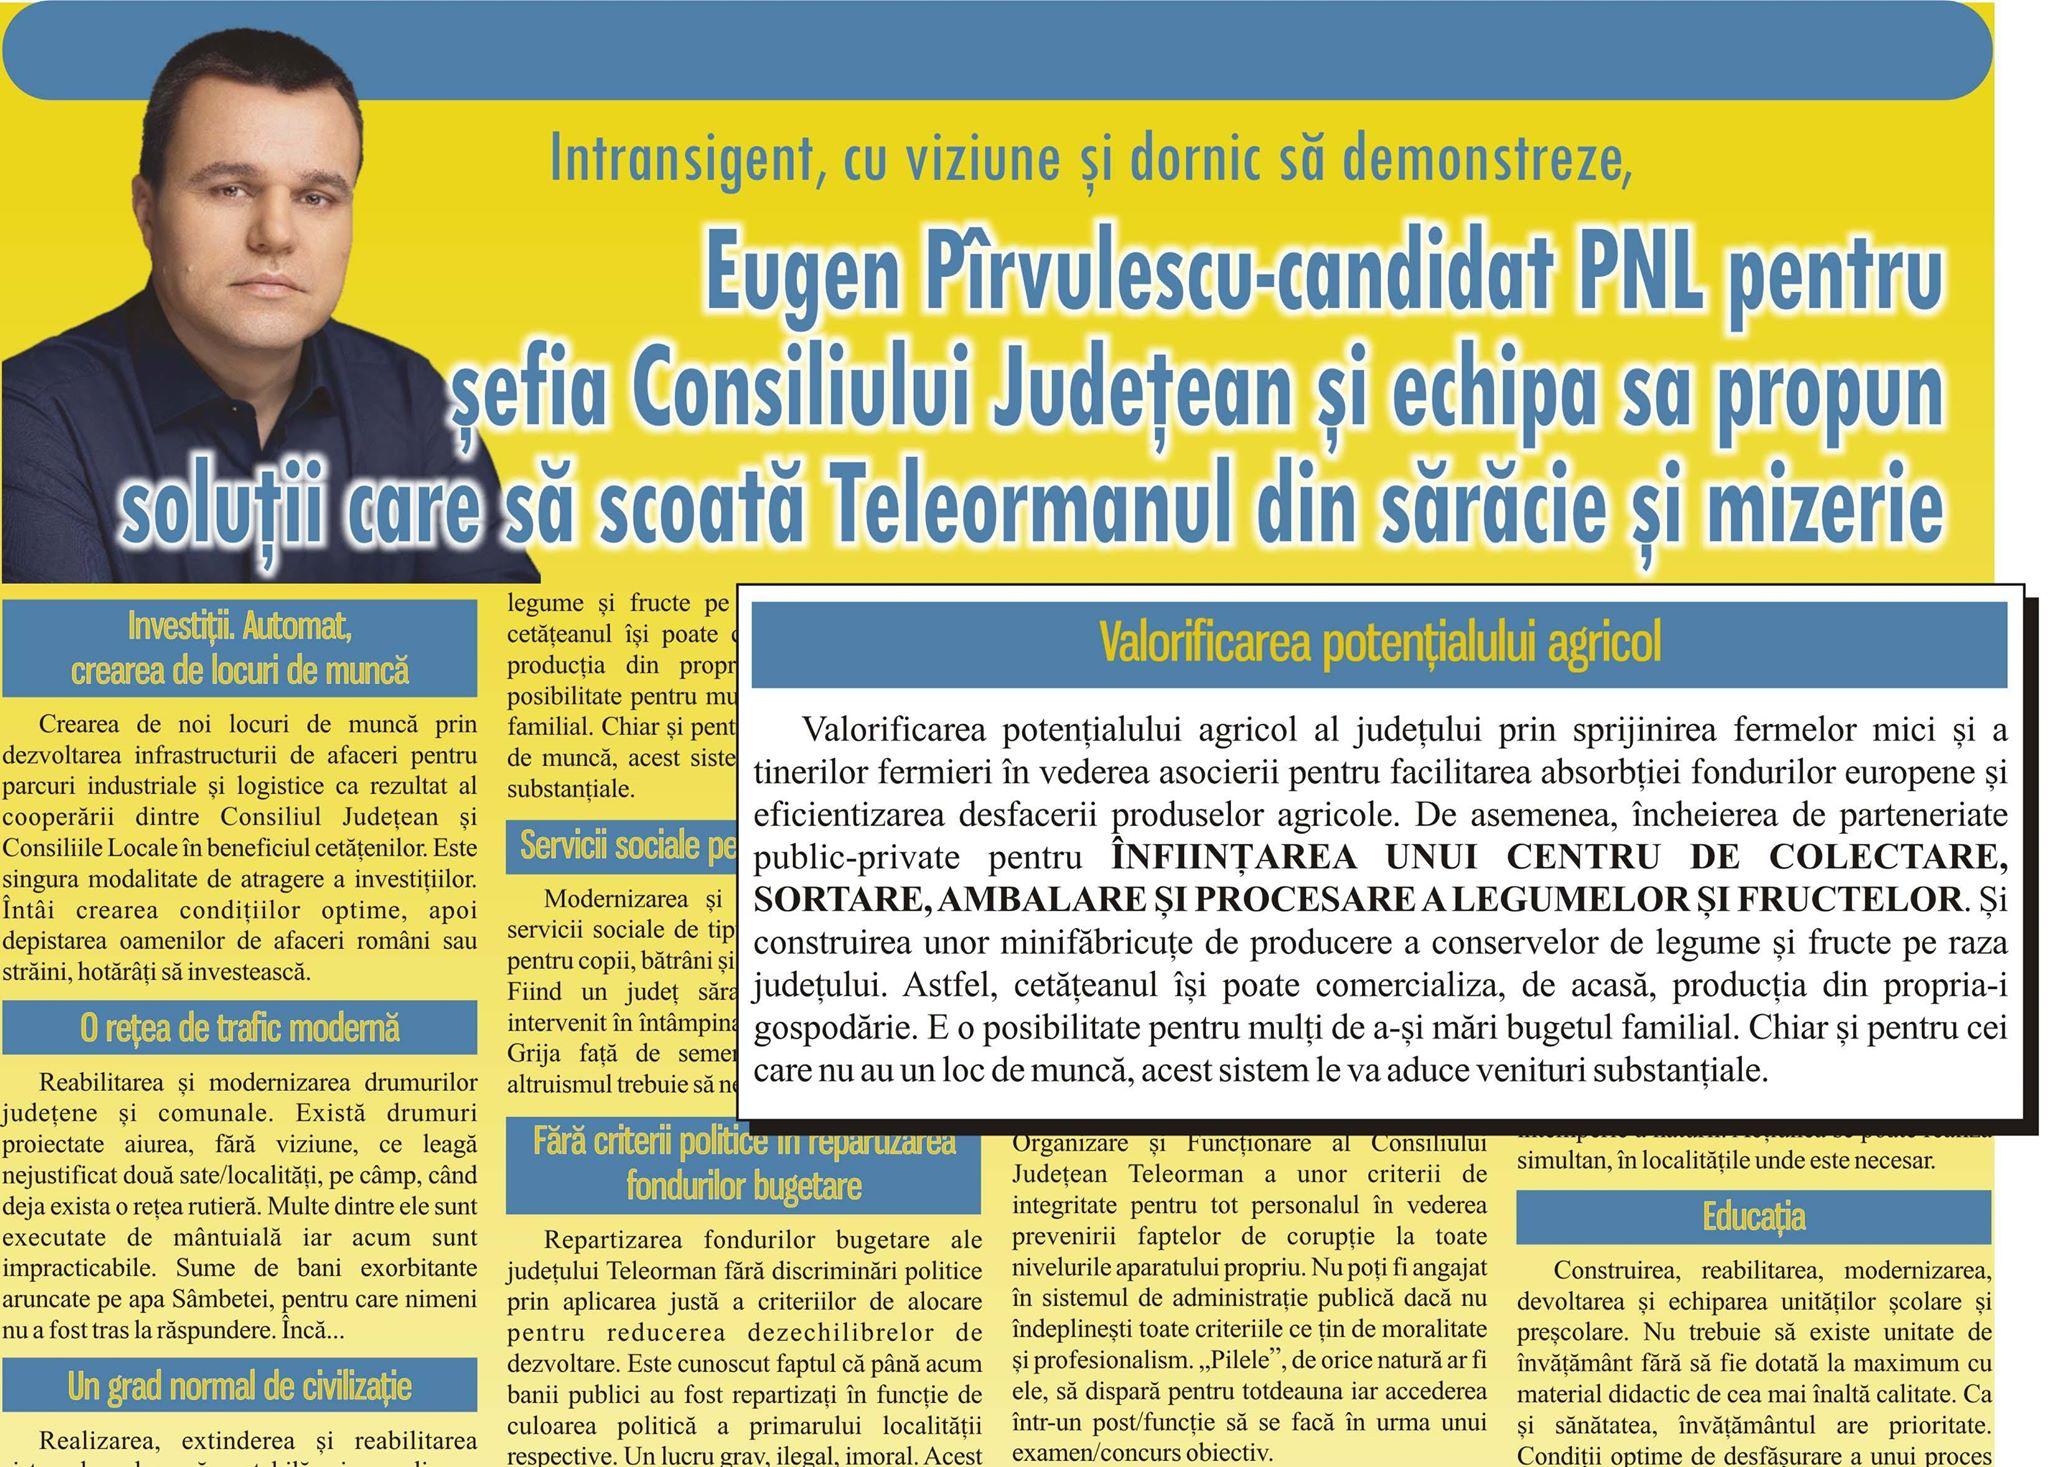 Victor Drăguşin, HOŢ de proiecte! Senatorul Eugen Pîrvulescu îl acuză că i-a furat ideea privind înfiinţarea unui Centru de colectare a legumelor în judeţ